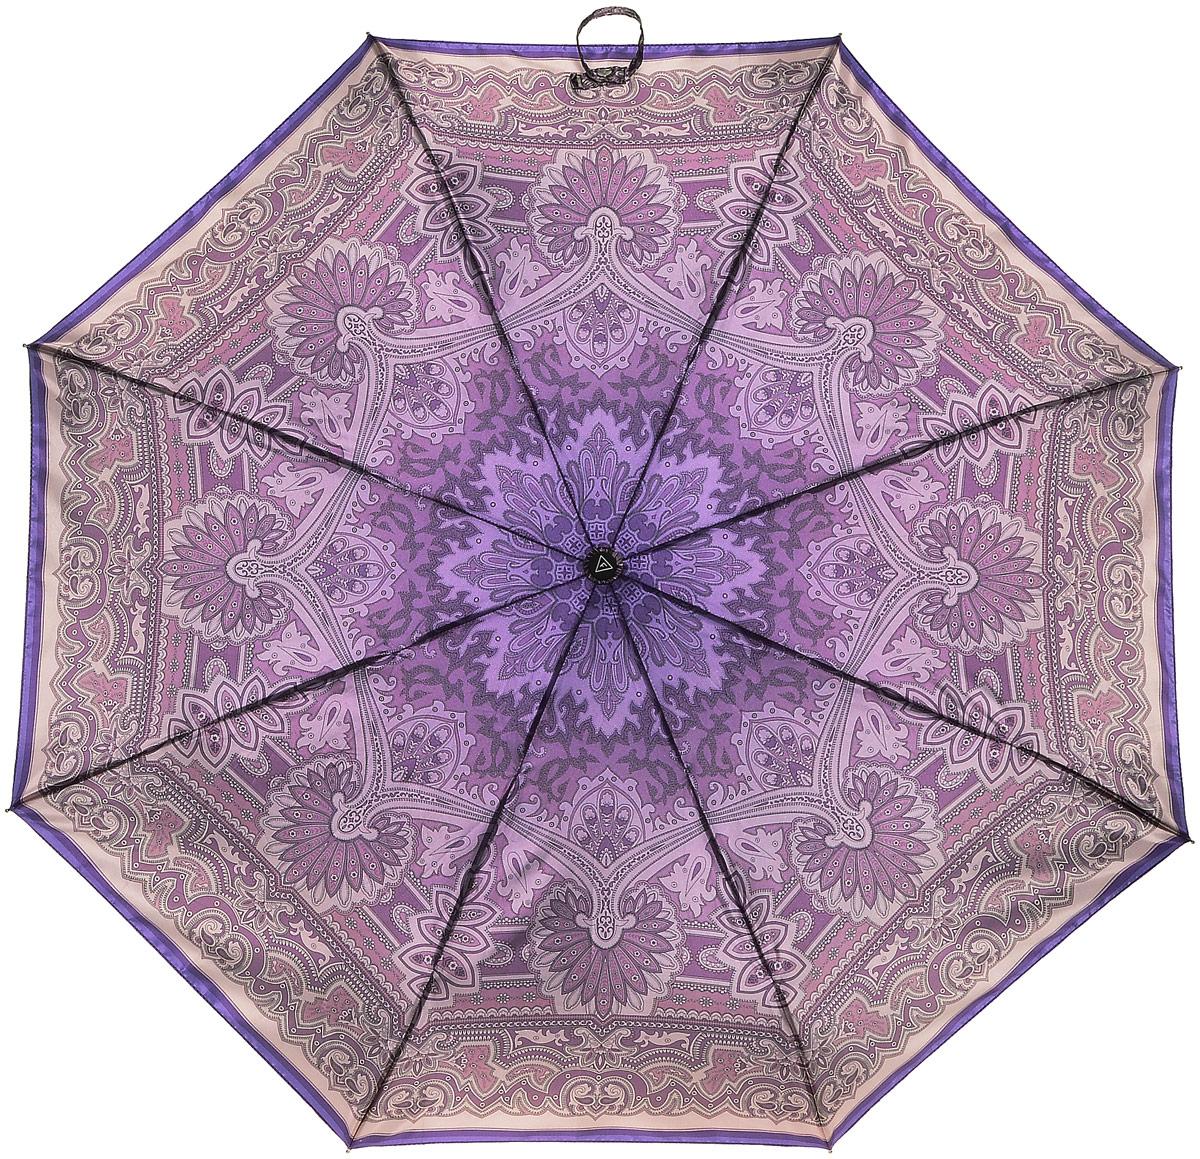 Зонт женский Fabretti, цвет: серый. L-16113-6L-16113-6Женский зонт от итальянского бренда Fabretti. Значительным преимуществом данной модели является система антиветер, которая позволяет выдержать сильные порывы ветра. Материал купола – сатин. Он невероятно изящен, приятен на ощупь, обладает высокой прочностью, а также устойчив к выцветанию. Эргономичная ручка сделана из высококачественного пластика-полиуретана с противоскользящей обработкой.